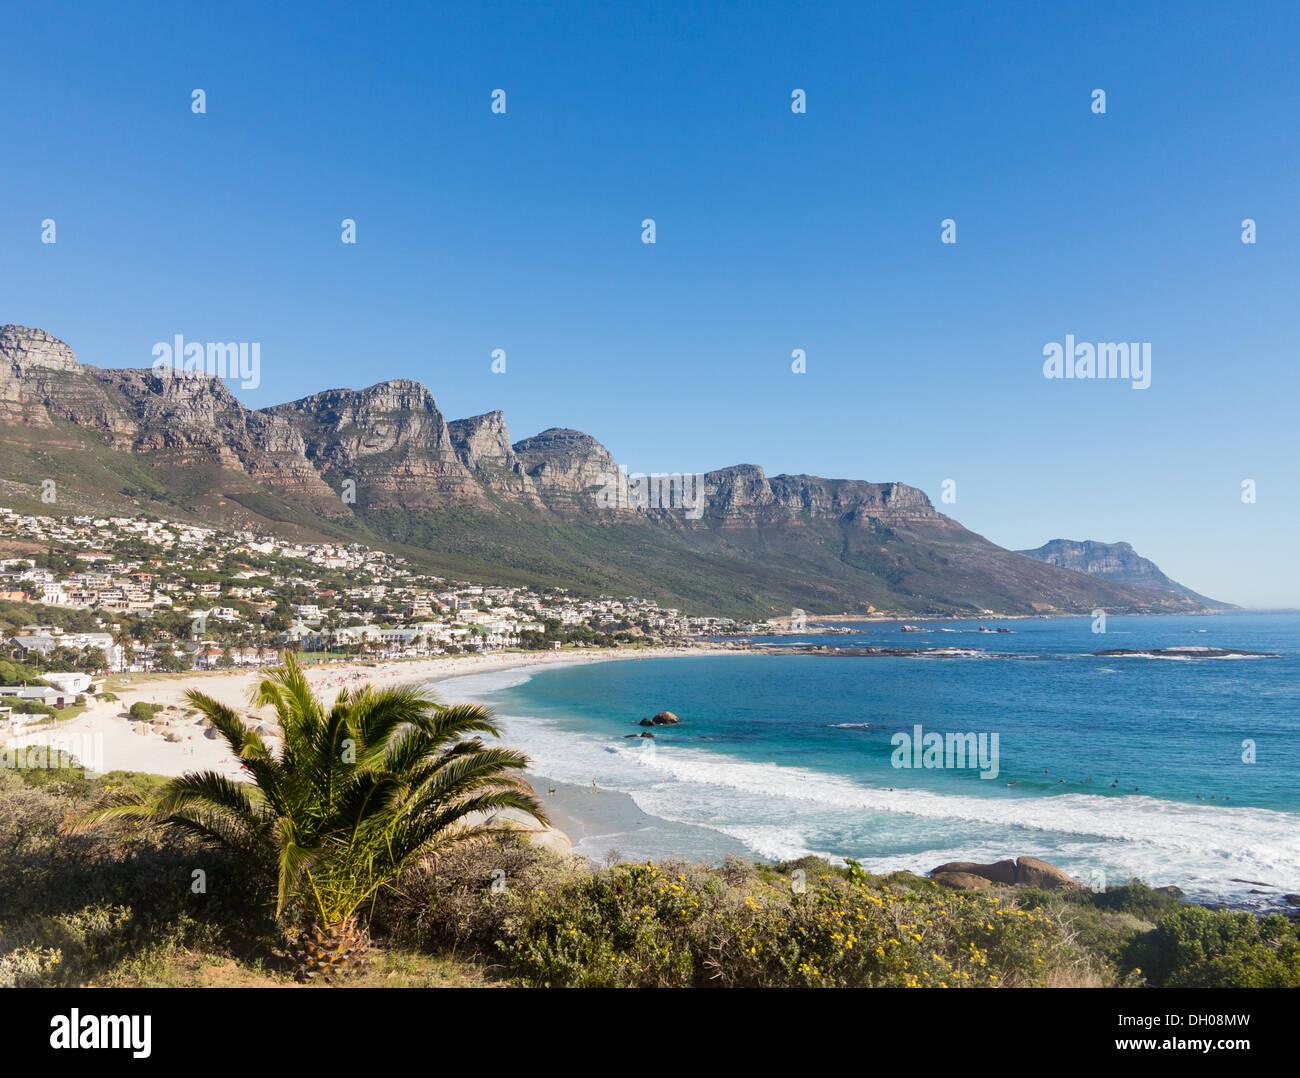 Plage de Camps Bay Cape Town avec la Montagne de la table en arrière-plan, la côte de l'Afrique du Sud Banque D'Images